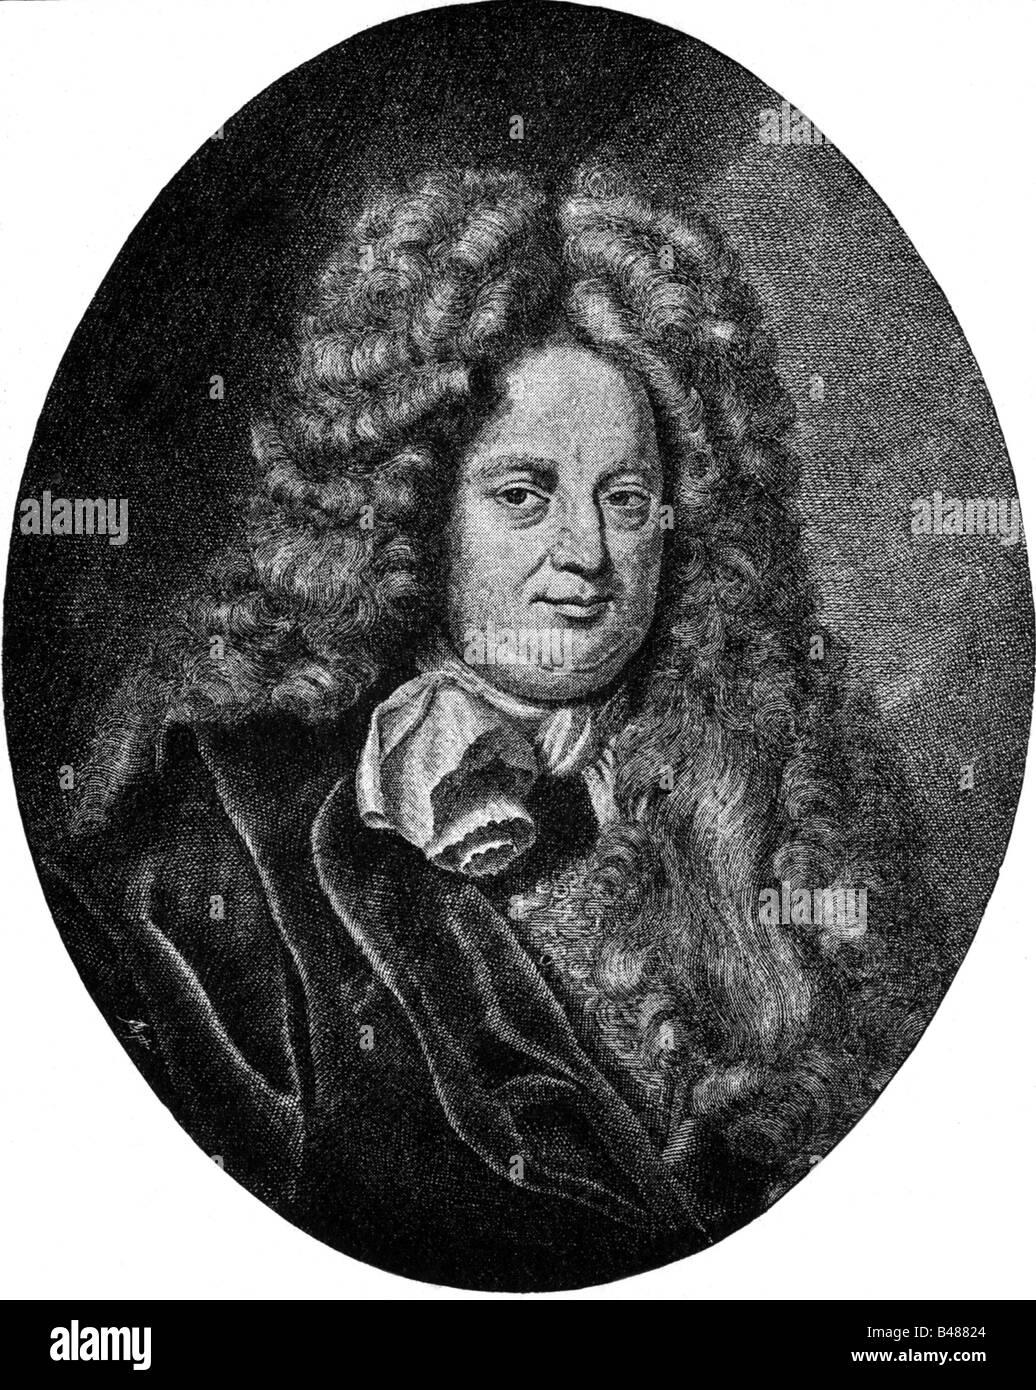 Danckelmann, Eberhard von, 23.11.1643 - 31.3.1722, Brandenburgian statesman, portrait, copper engraving by G. B. - Stock Image